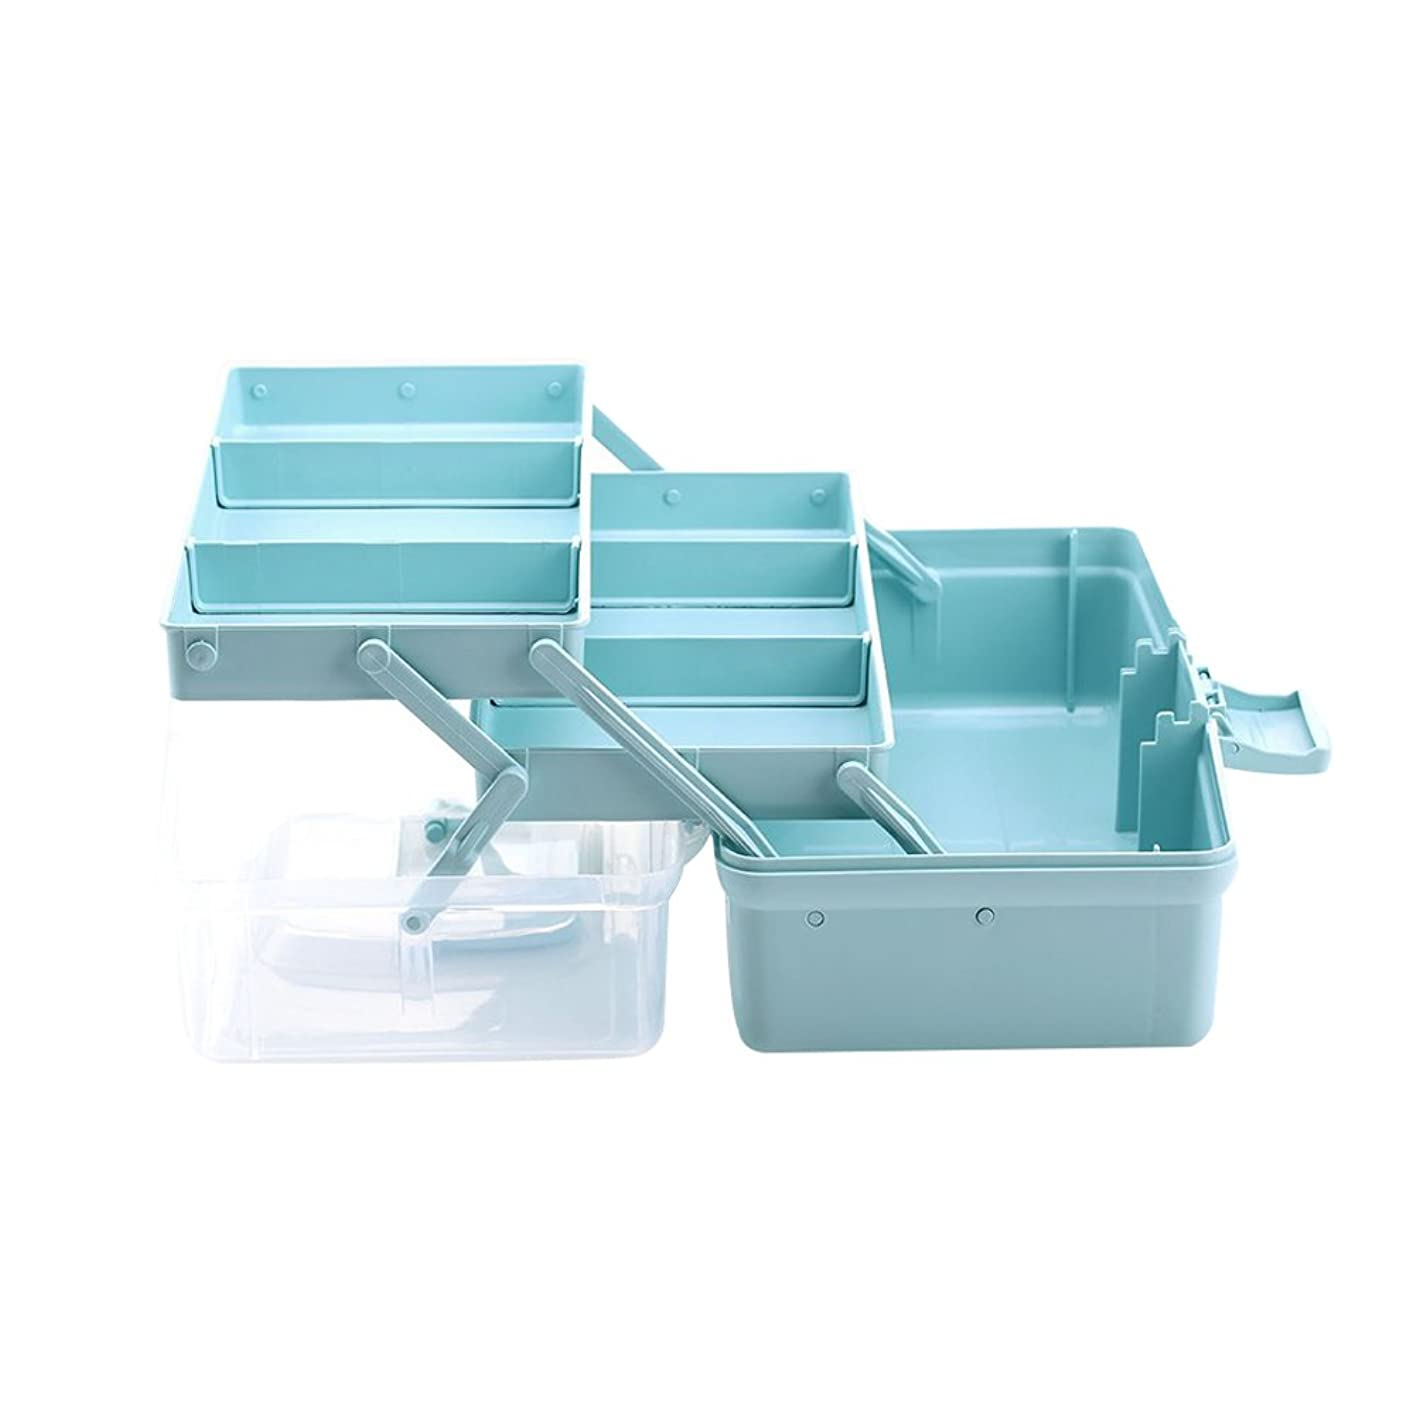 中毒ぐるぐる疑問を超えてYUNCLOS 収納ボックス 工具箱 3段式ツールボックス プラスチック 小物収納ケース 工具収納 折り畳み 便利 大容量 収納ボックス 薬